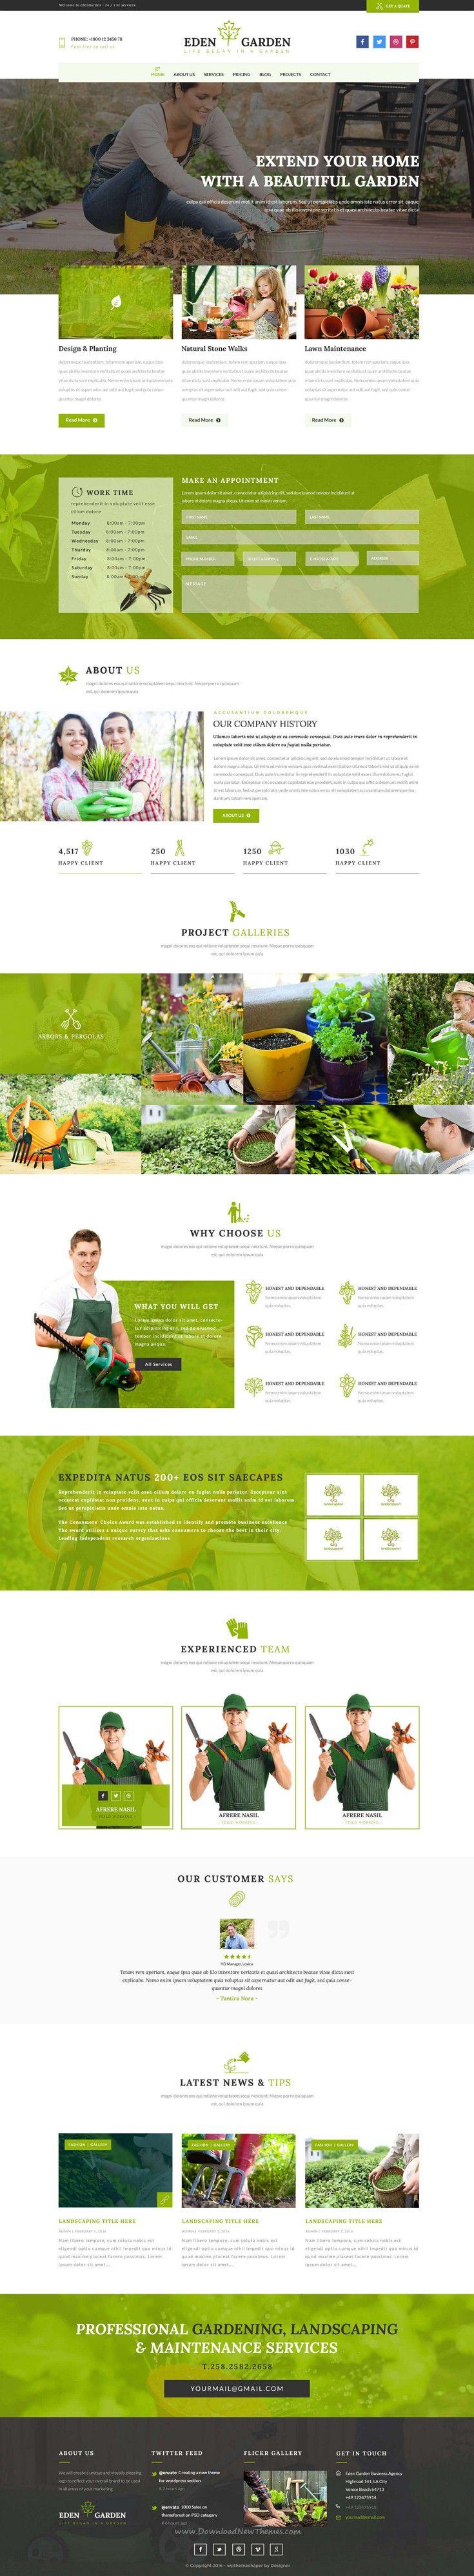 Eden Garden - Gardening and Landscaping PSD Template | Pinterest ...